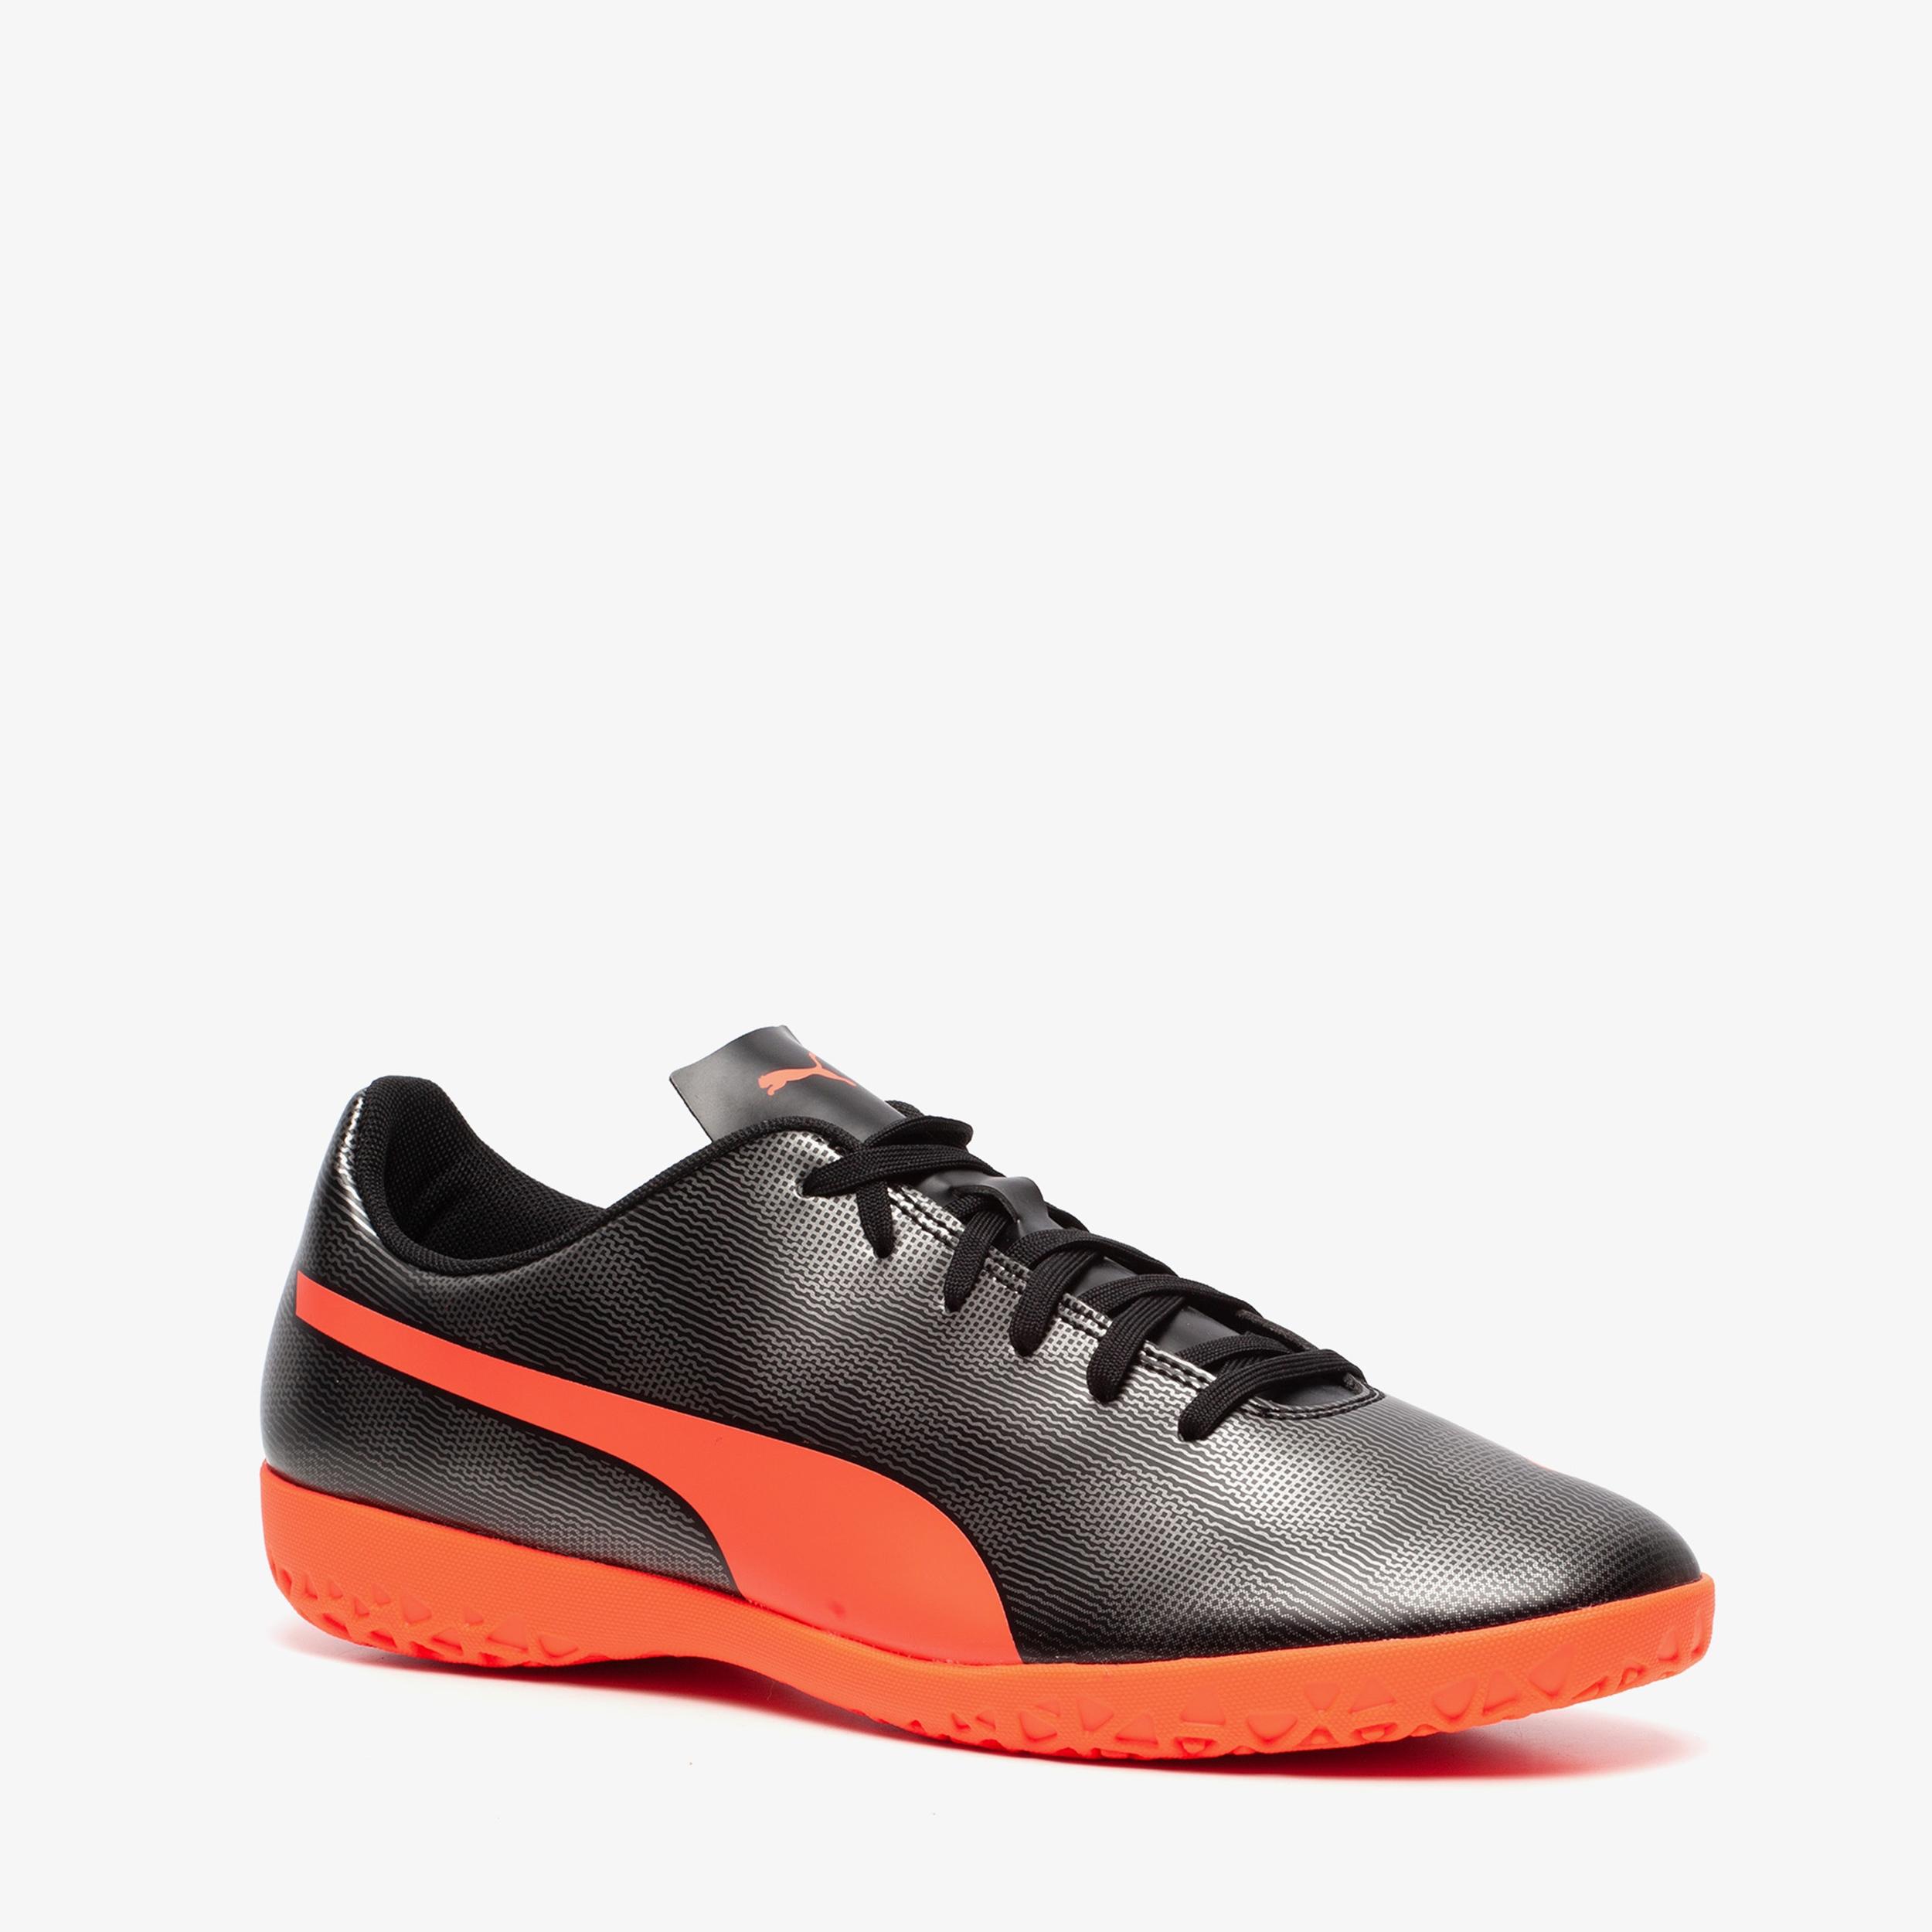 Nike indoorschoenen voor heren online bestellen | Aktiesport